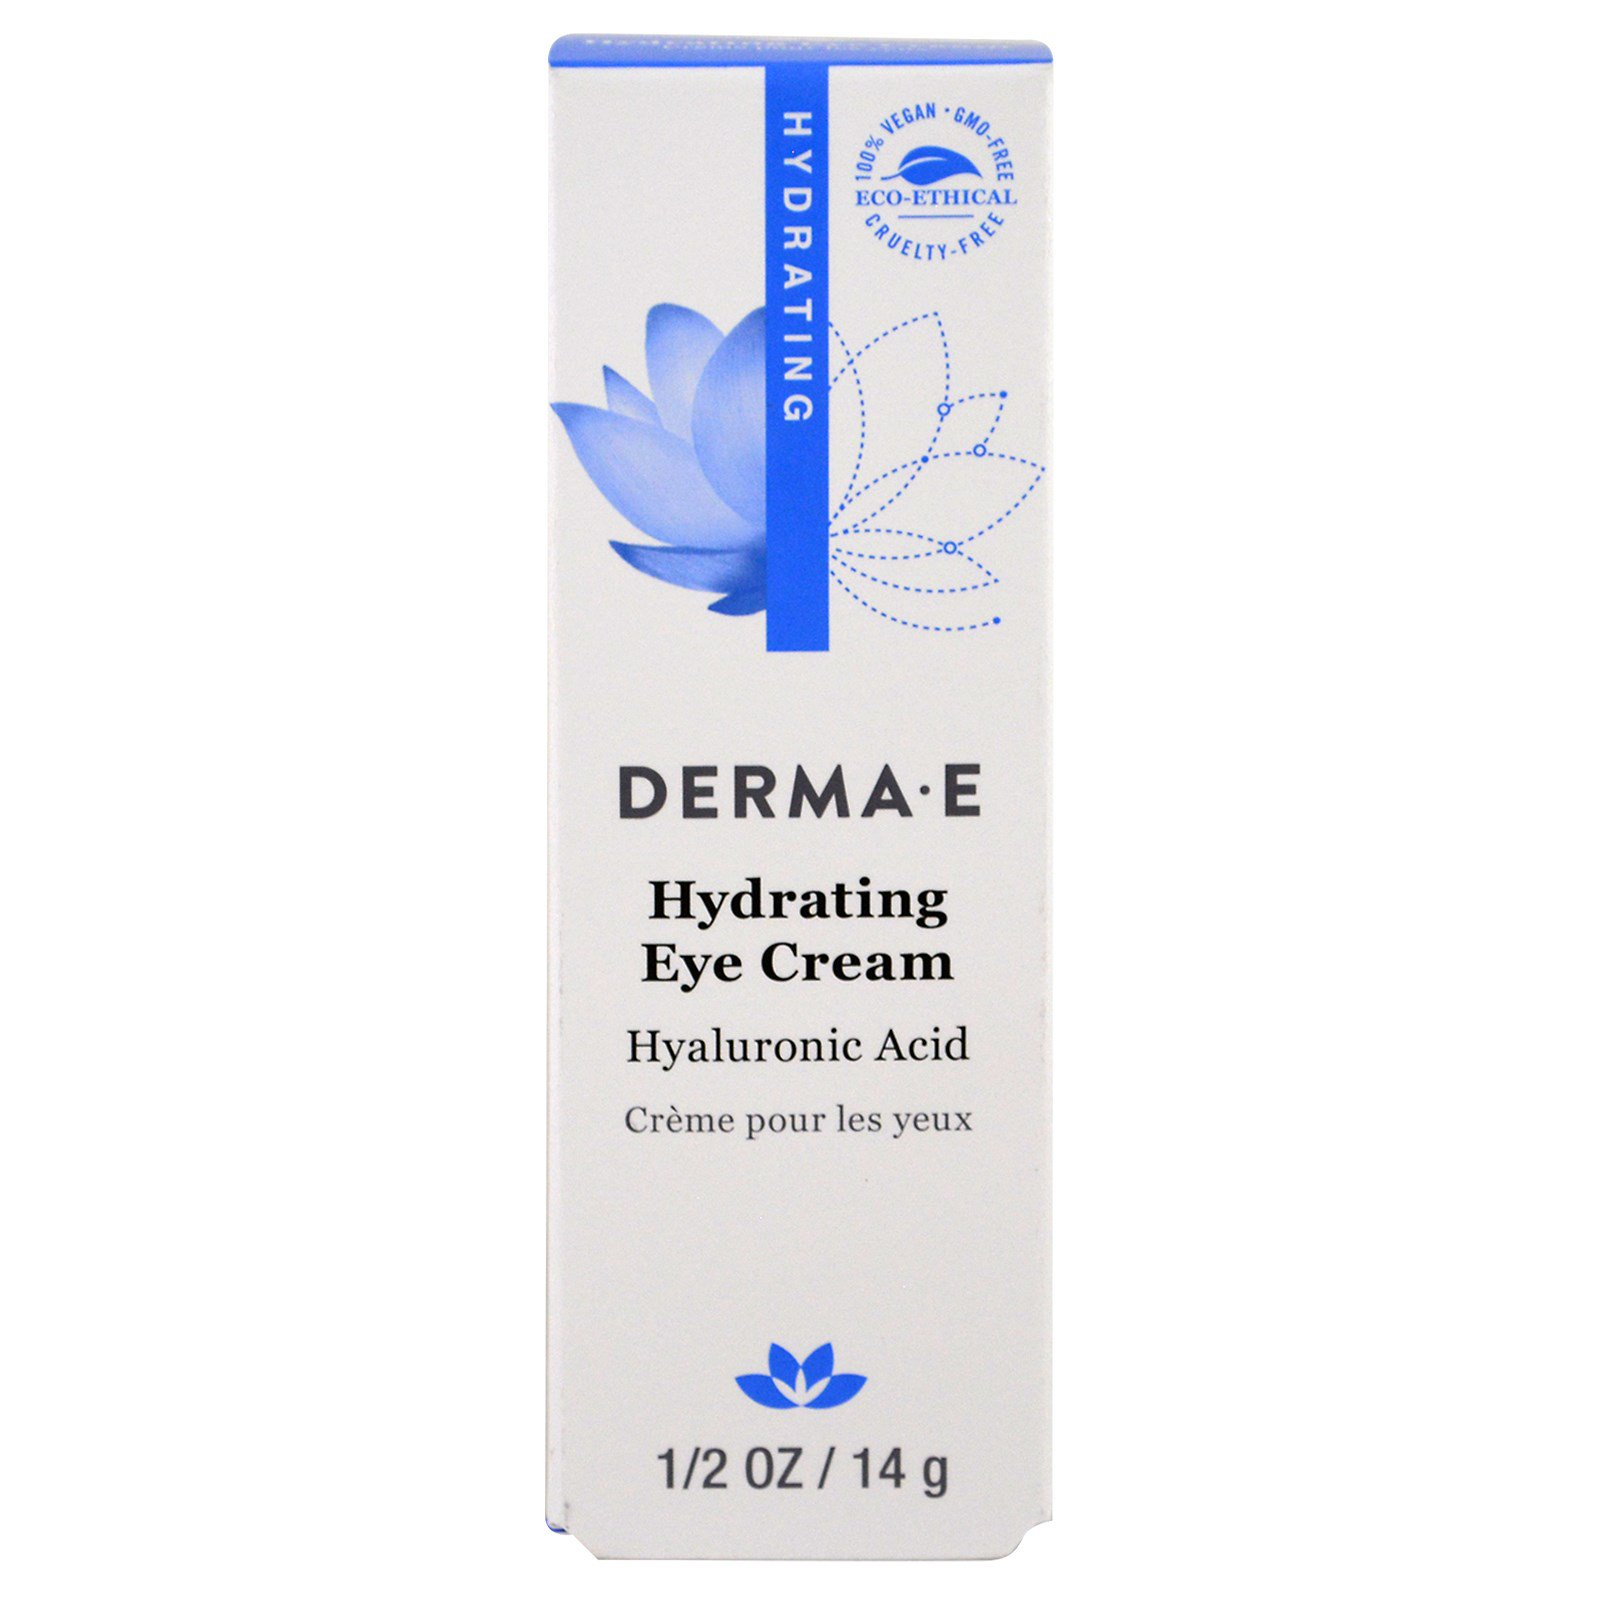 Derma E, Crème hydratante pour les yeux à l'acide